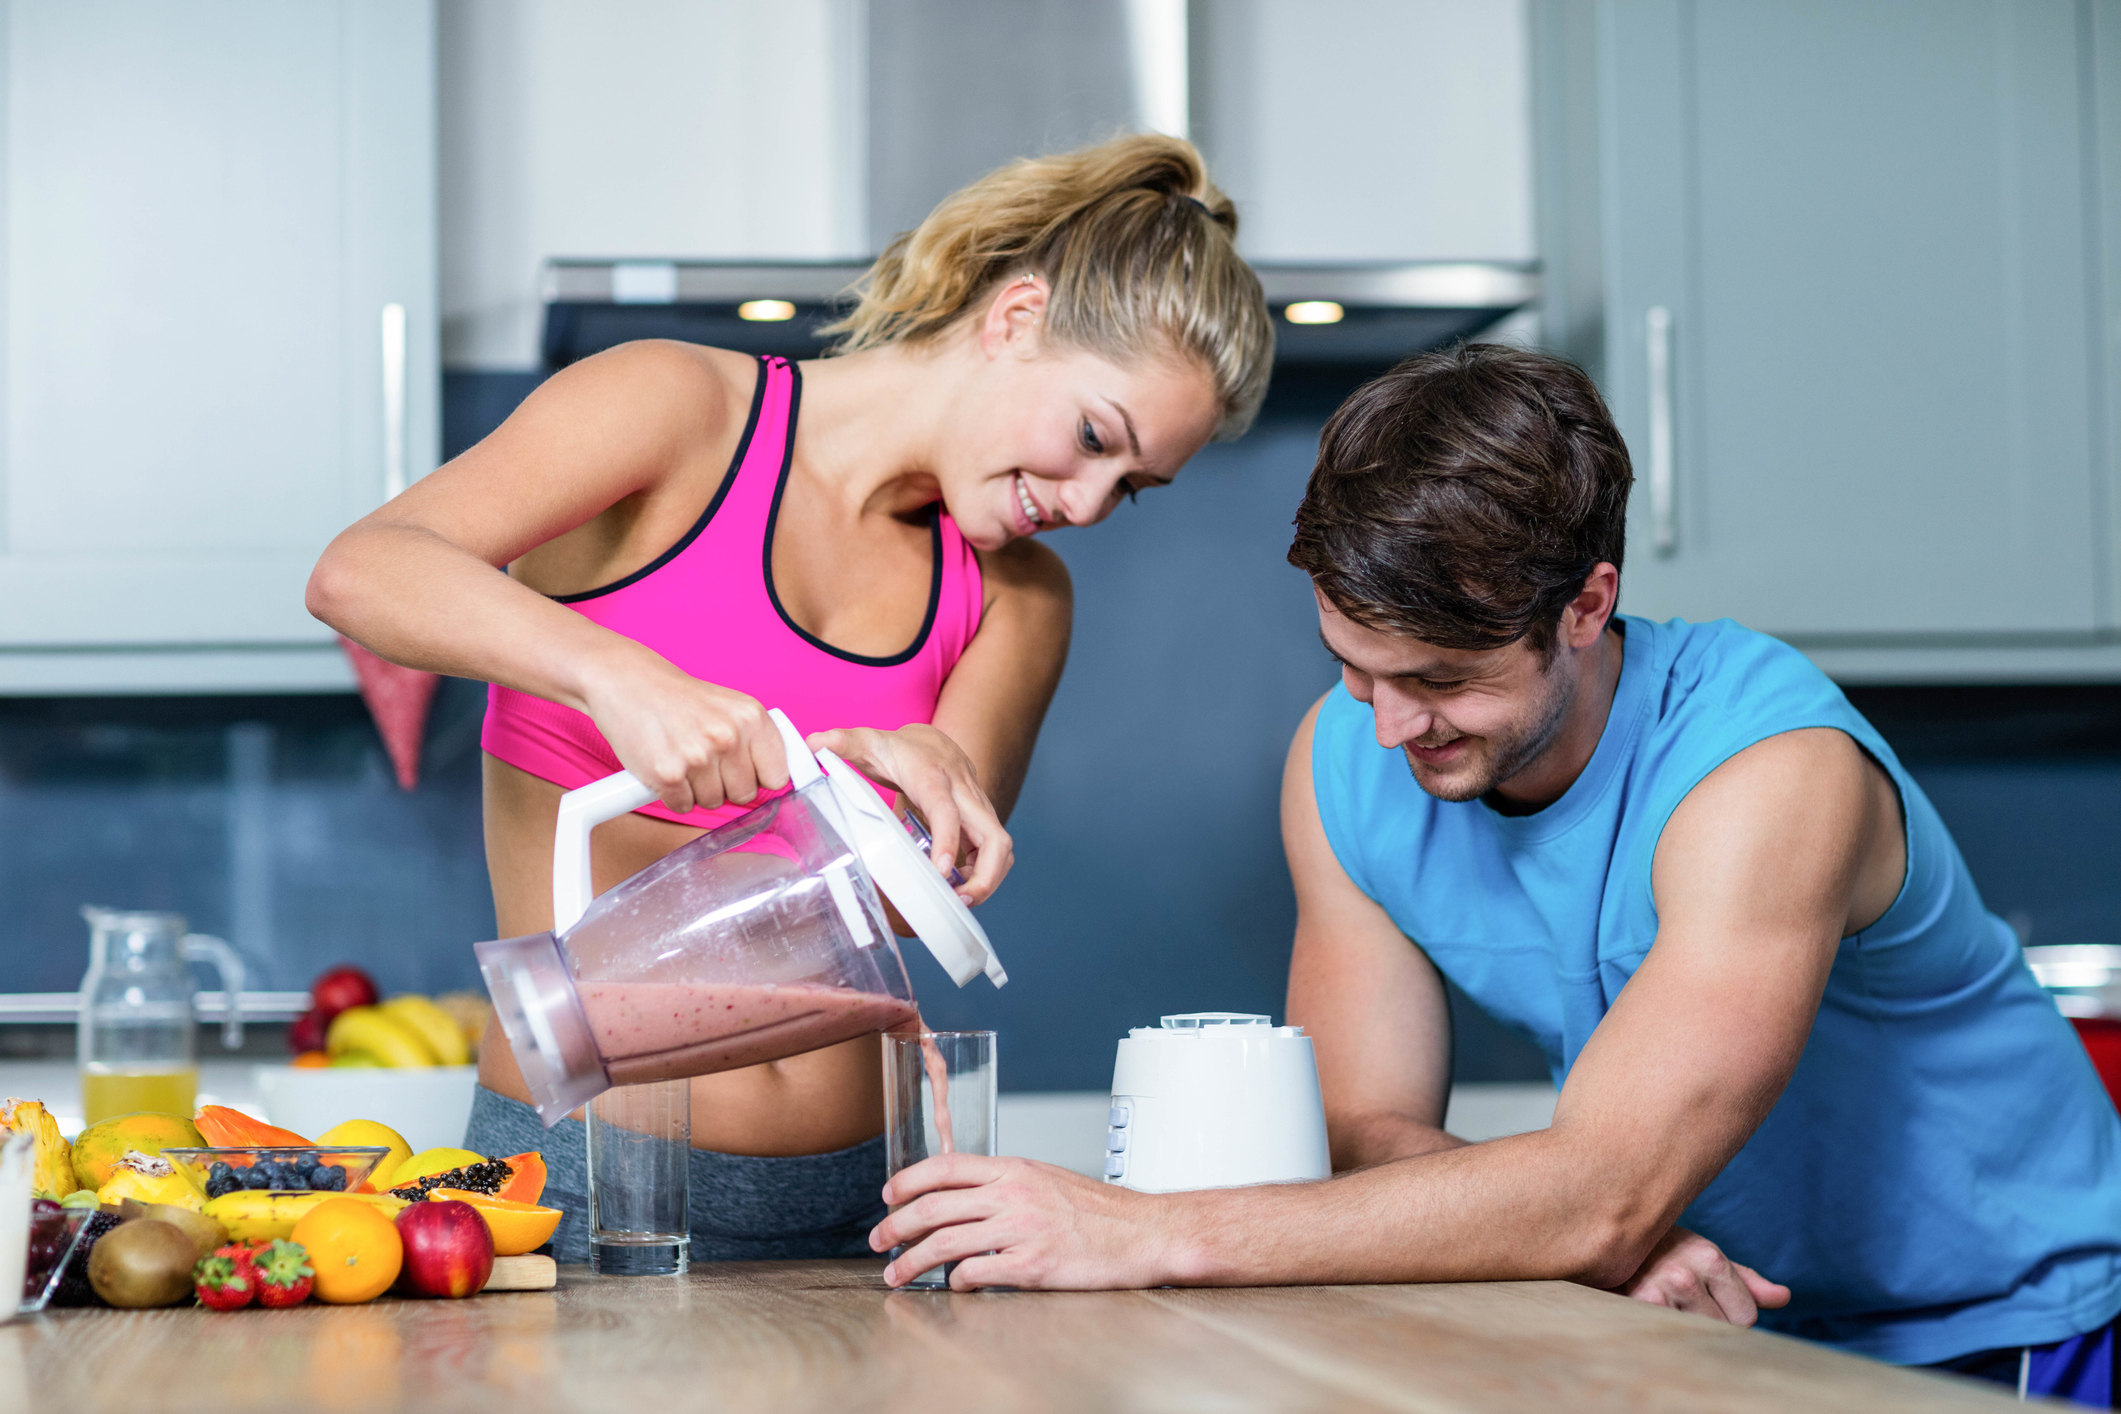 Дієві методи, які допоможуть посадити чоловіка на дієту без його відома